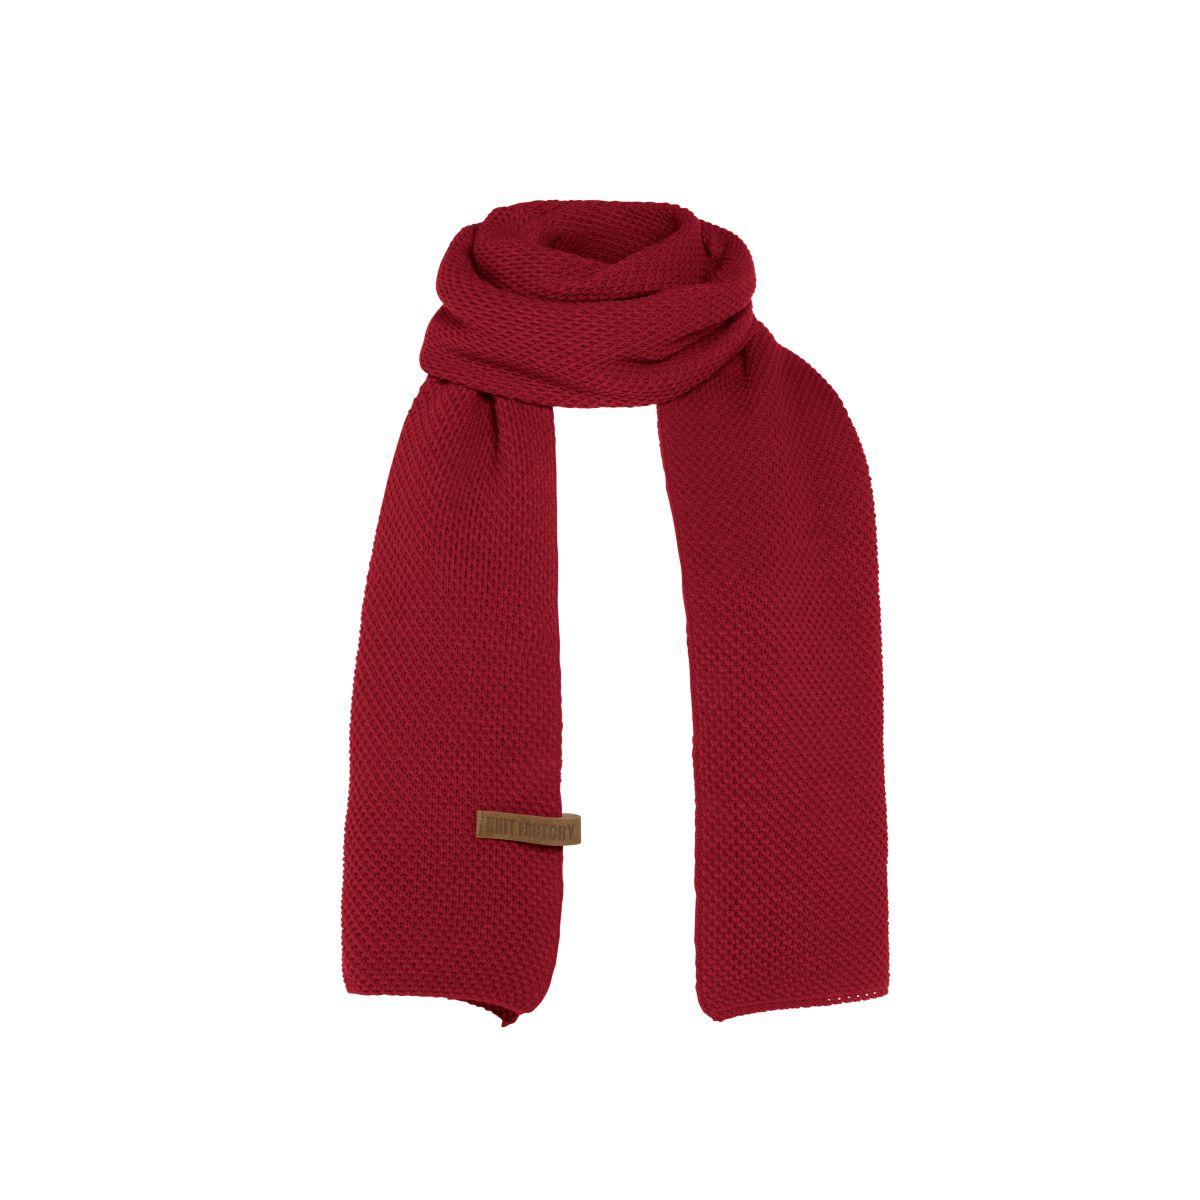 jazz scarf bordeaux